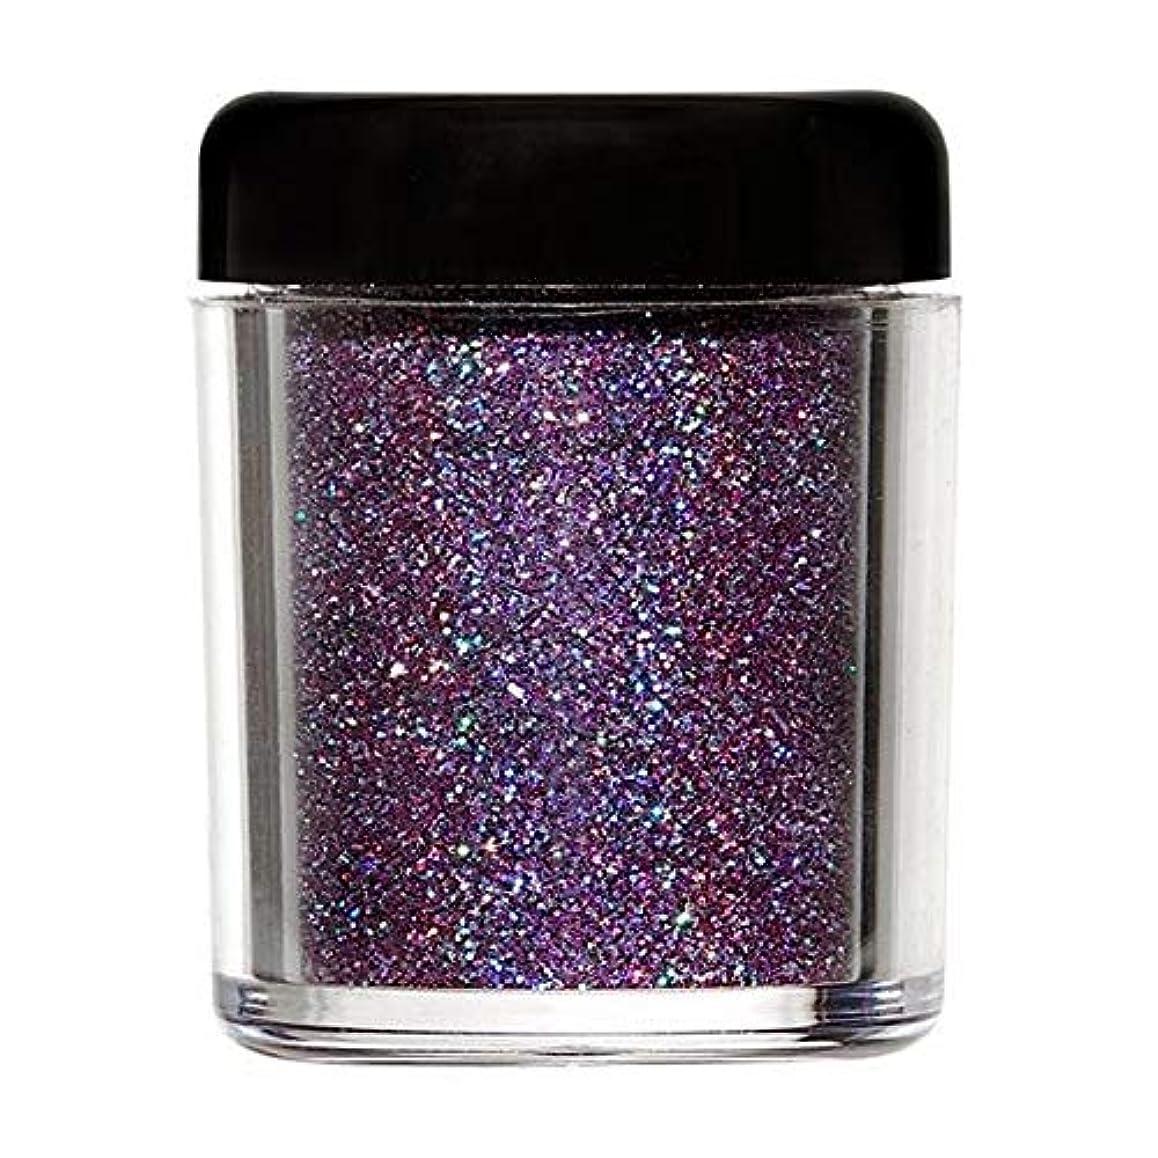 私の上陸メニュー[Barry M ] バリーメートルのグリッターラッシュボディの輝き - 紫外線 - Barry M Glitter Rush Body Glitter - Ultraviolet [並行輸入品]